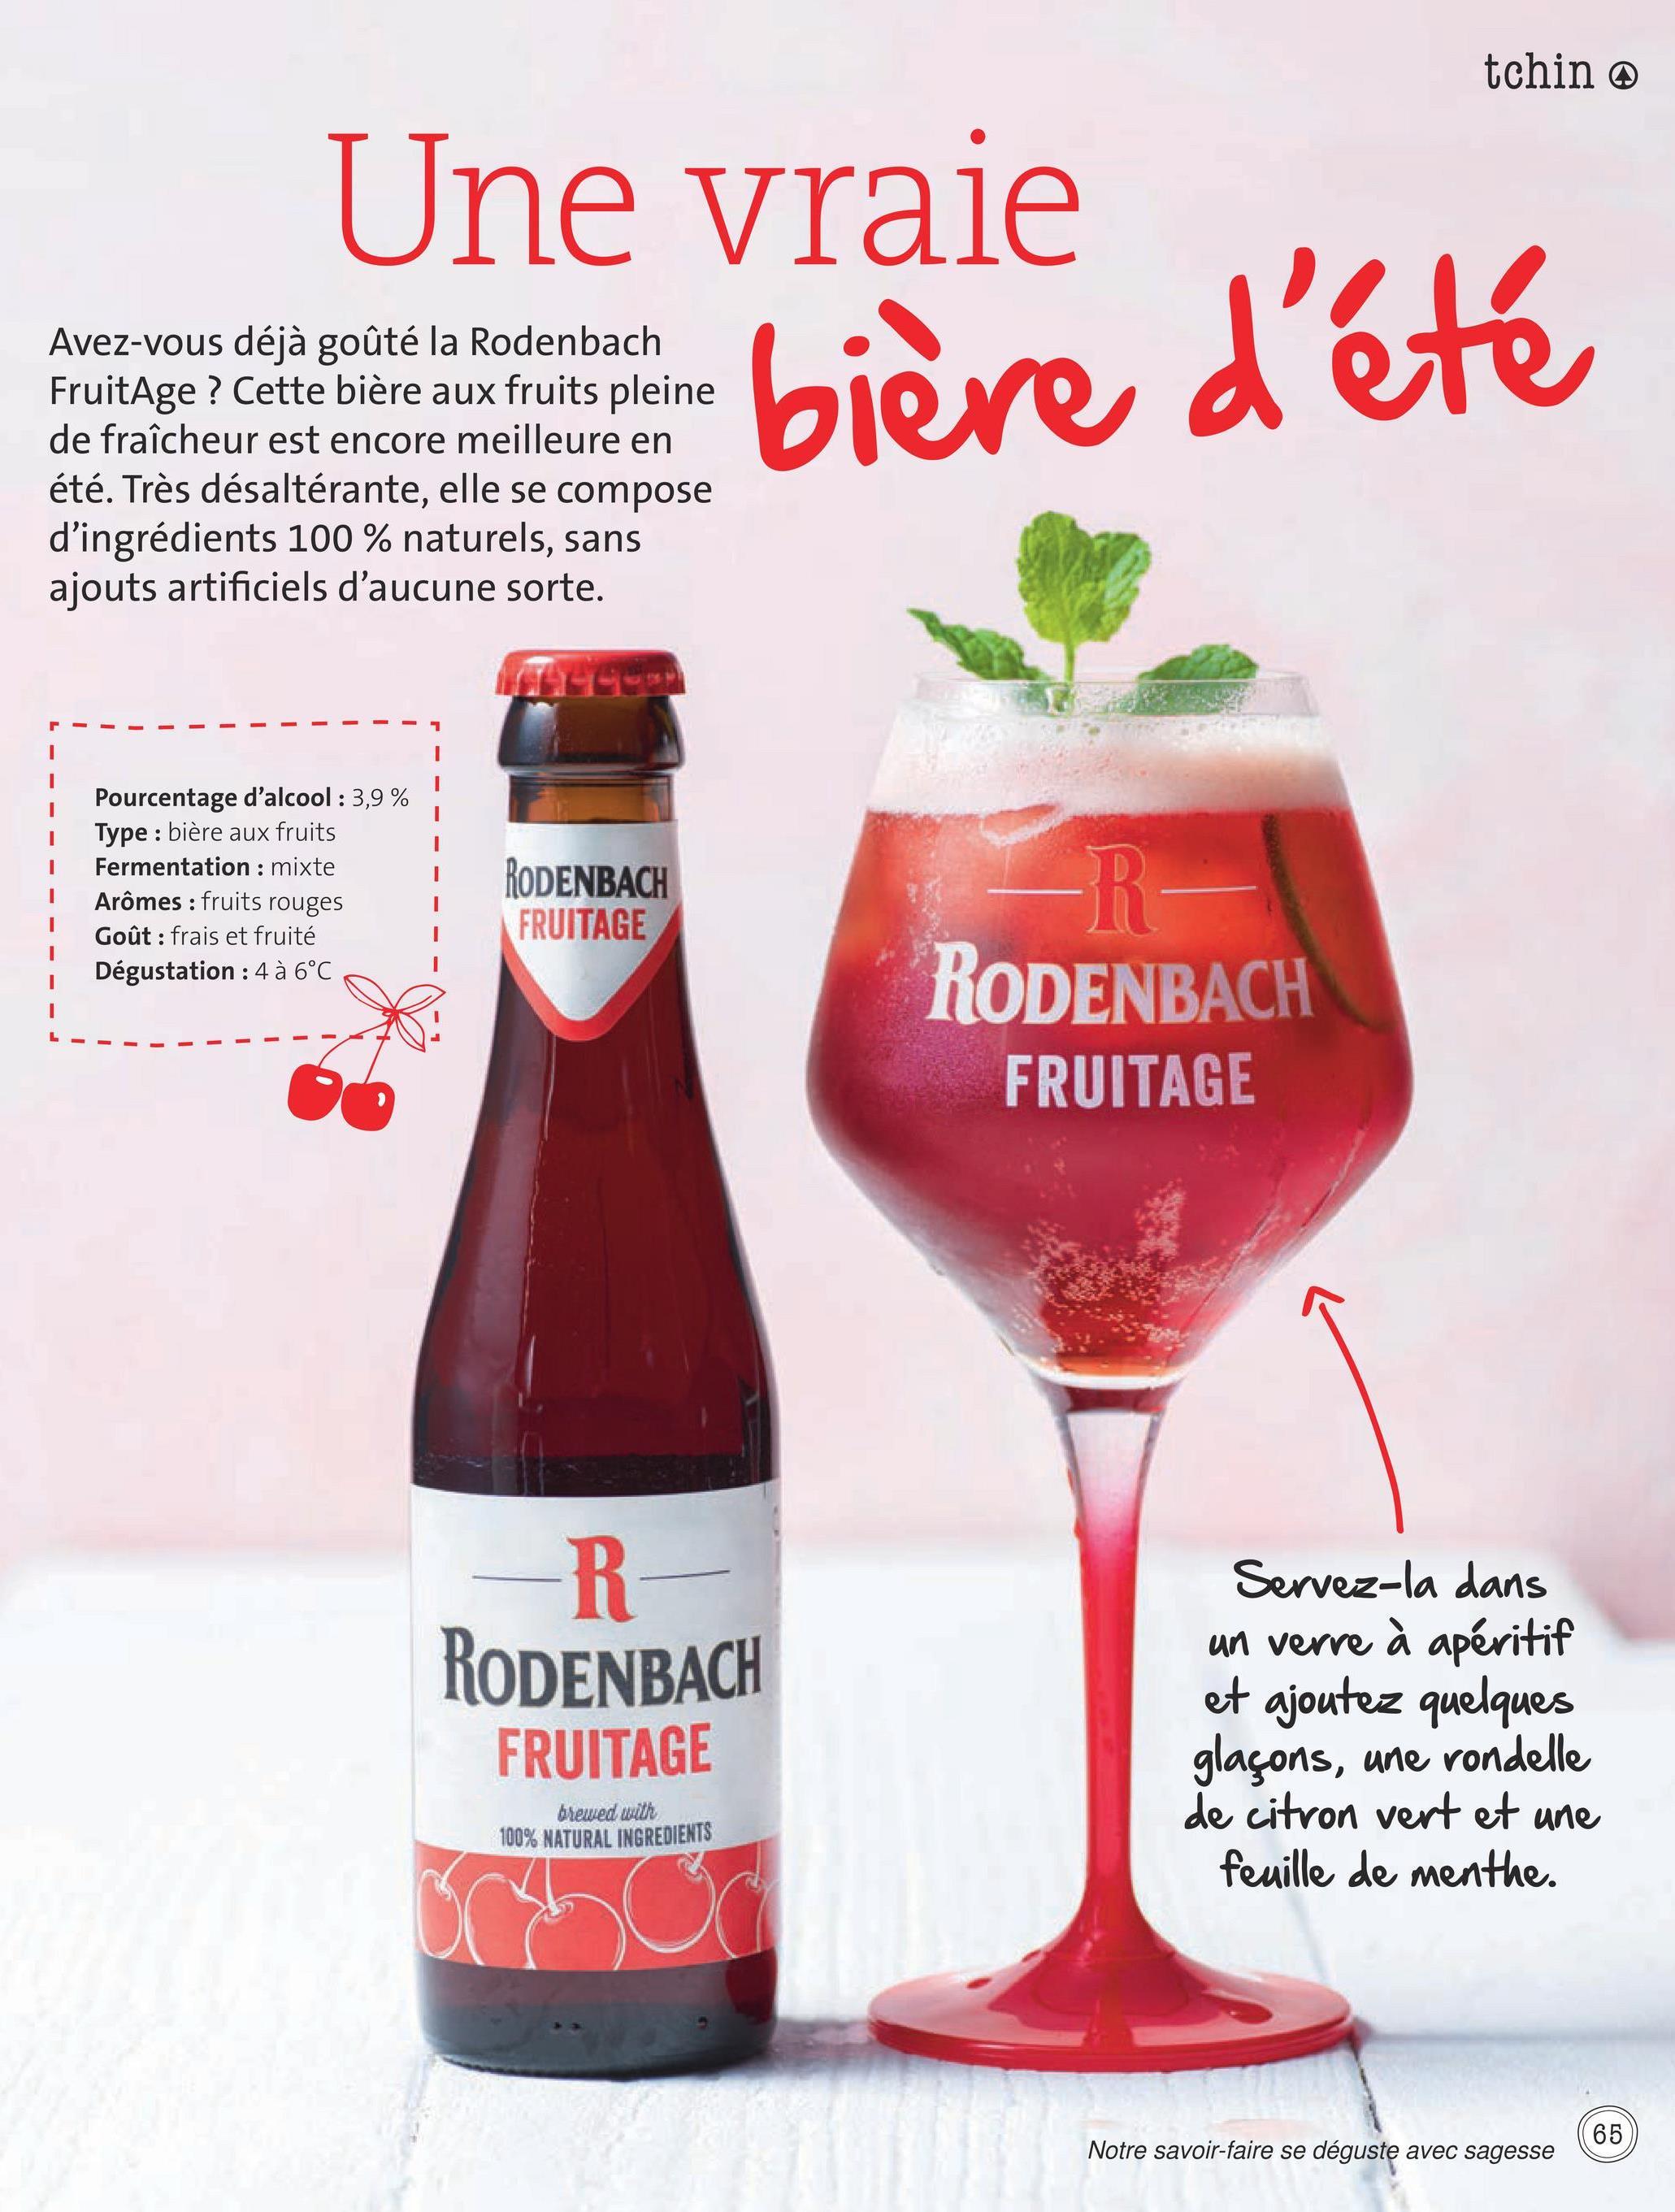 tchin Une vraie Avez-vous déjà goûté la Rodenbach FruitAge ? Cette bière aux fruits pleine de fraîcheur est encore meilleure en été. Très désaltérante, elle se compose d'ingrédients 100% naturels, sans ajouts artificiels d'aucune sorte. bière d'été Pourcentage d'alcool : 3,9 % Type : bière aux fruits Fermentation : mixte Arômes : fruits rouges Goût : frais et fruité Dégustation : 4 à 6°C RODENBACH FRUITAGE R- RODENBACH FRUITAGE -R- RODENBACH FRUITAGE Servez-la dans un verre à apéritif et ajoutez quelques glaçons, une rondelle de citron vert et une feuille de menthe. brewed with 100% NATURAL INGREDIENTS 65 Notre savoir-faire se déguste avec sagesse